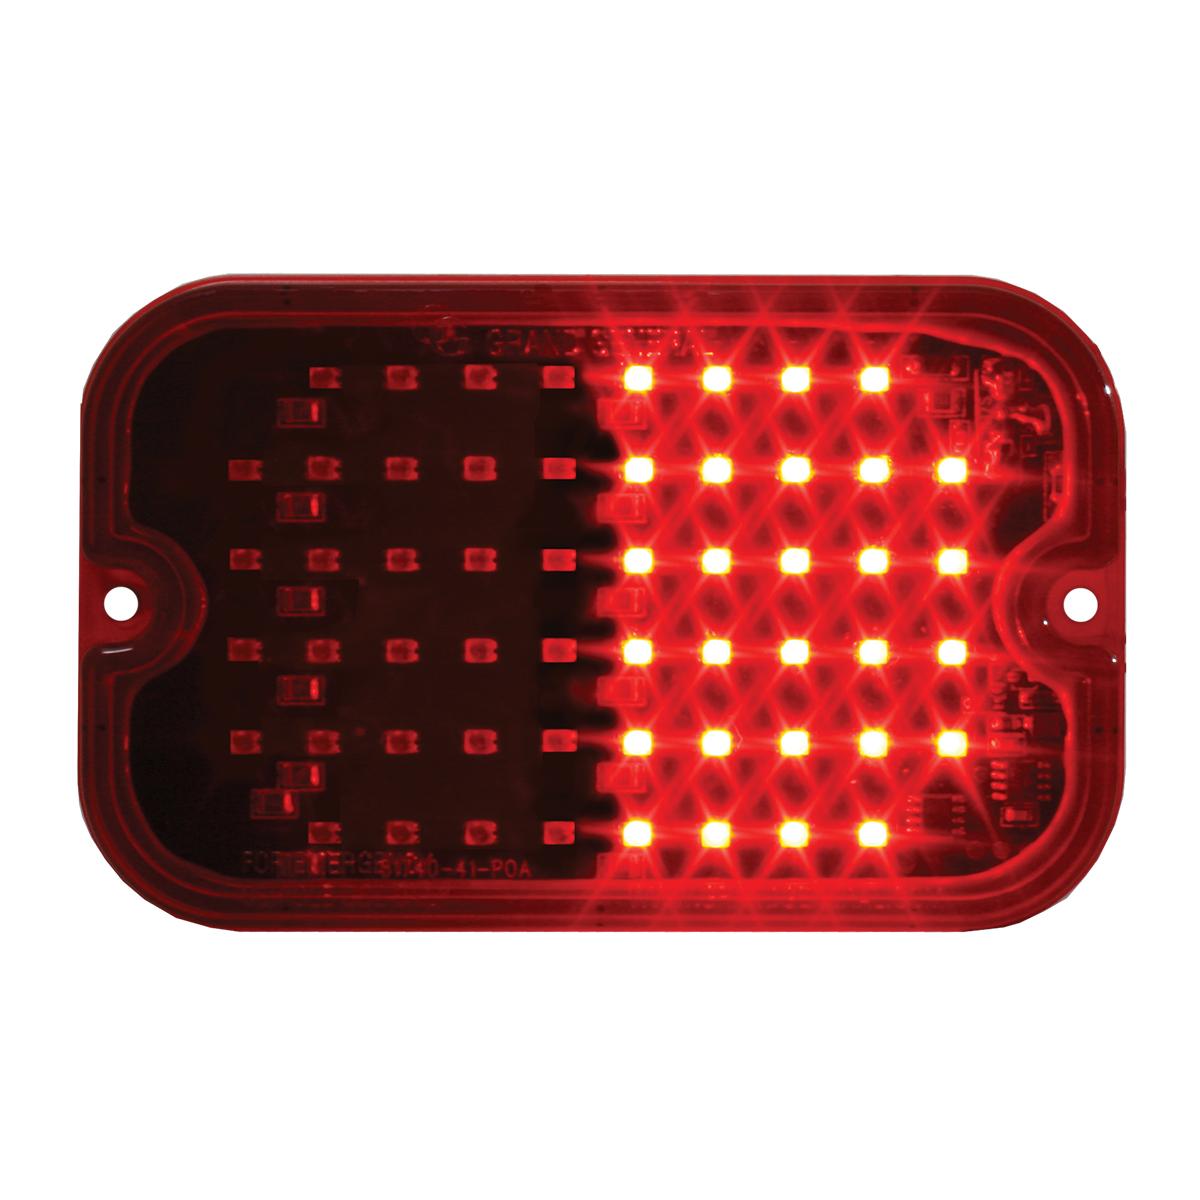 81745 Red/Red Ultra Thin Large Rectangular Strobe LED Light